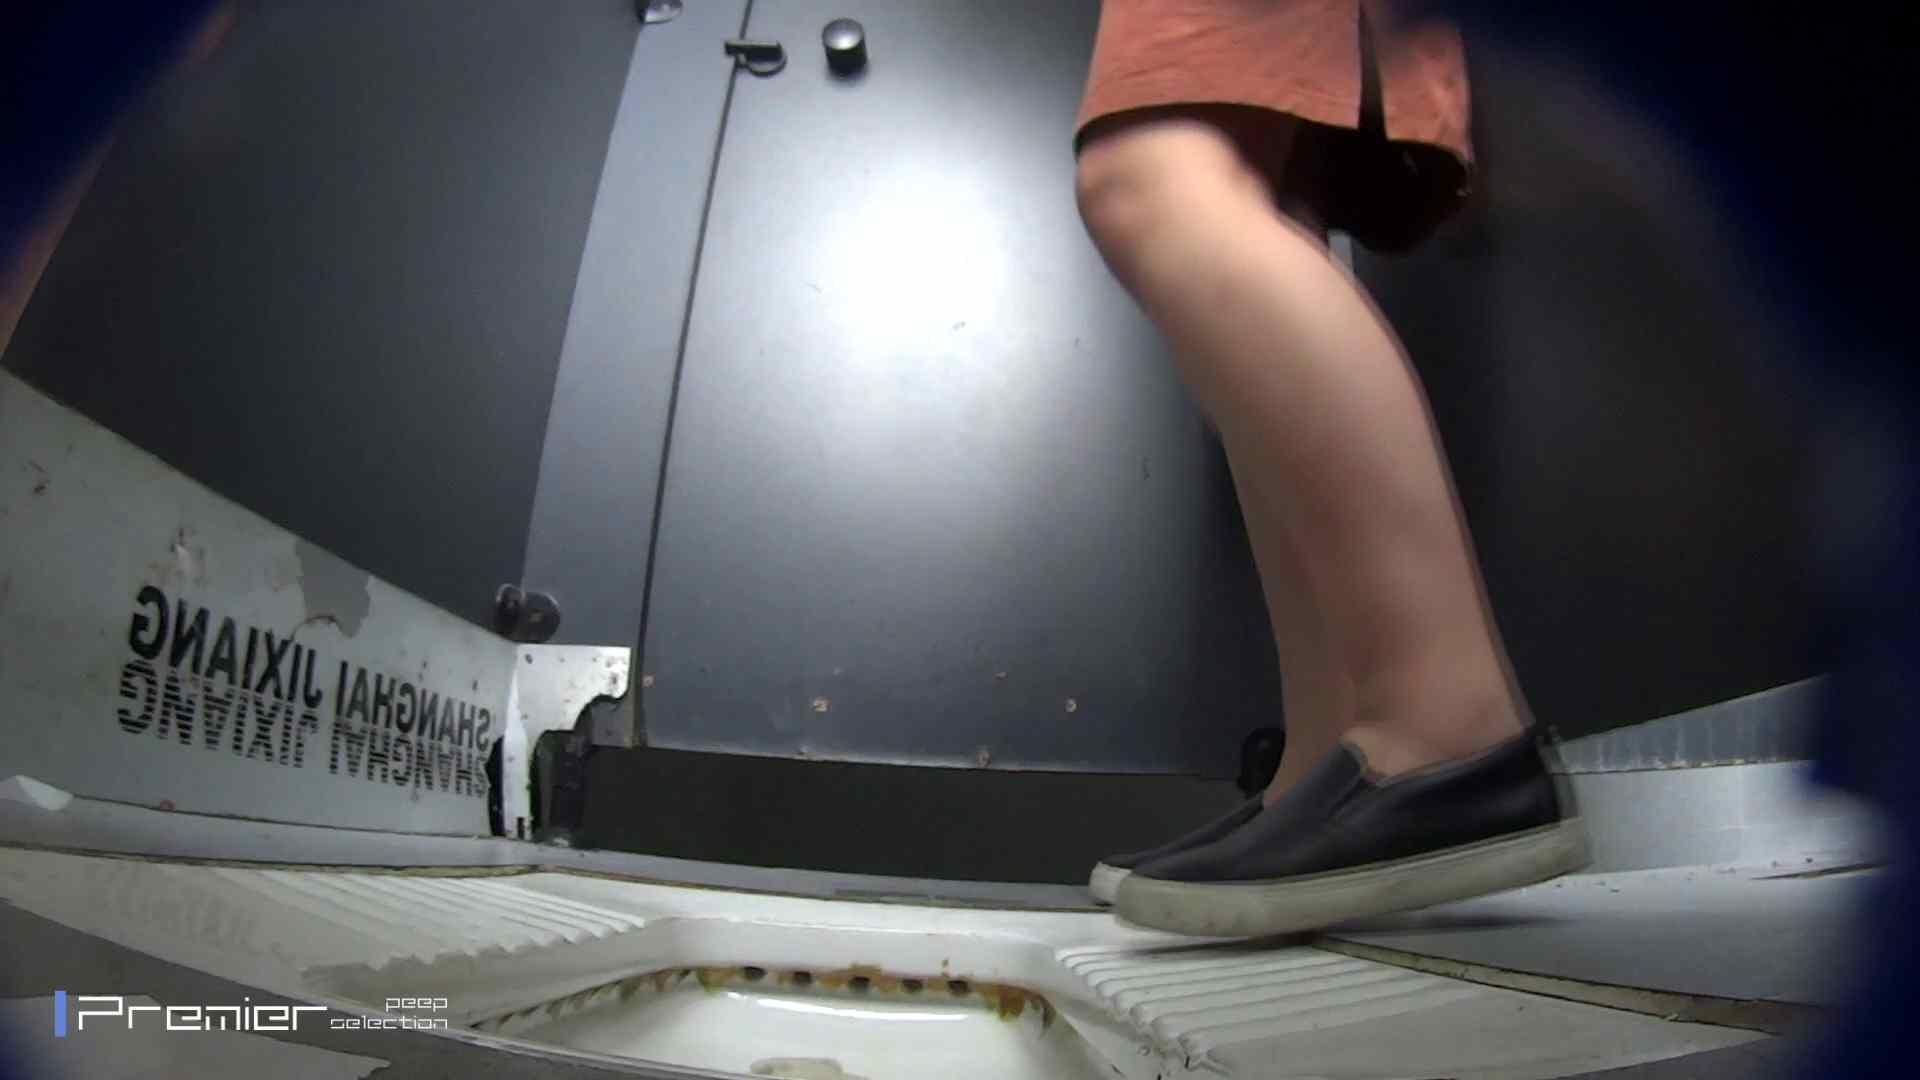 びゅーっと!オシッコ放出 大学休憩時間の洗面所事情47 美女のボディ  103PIX 24